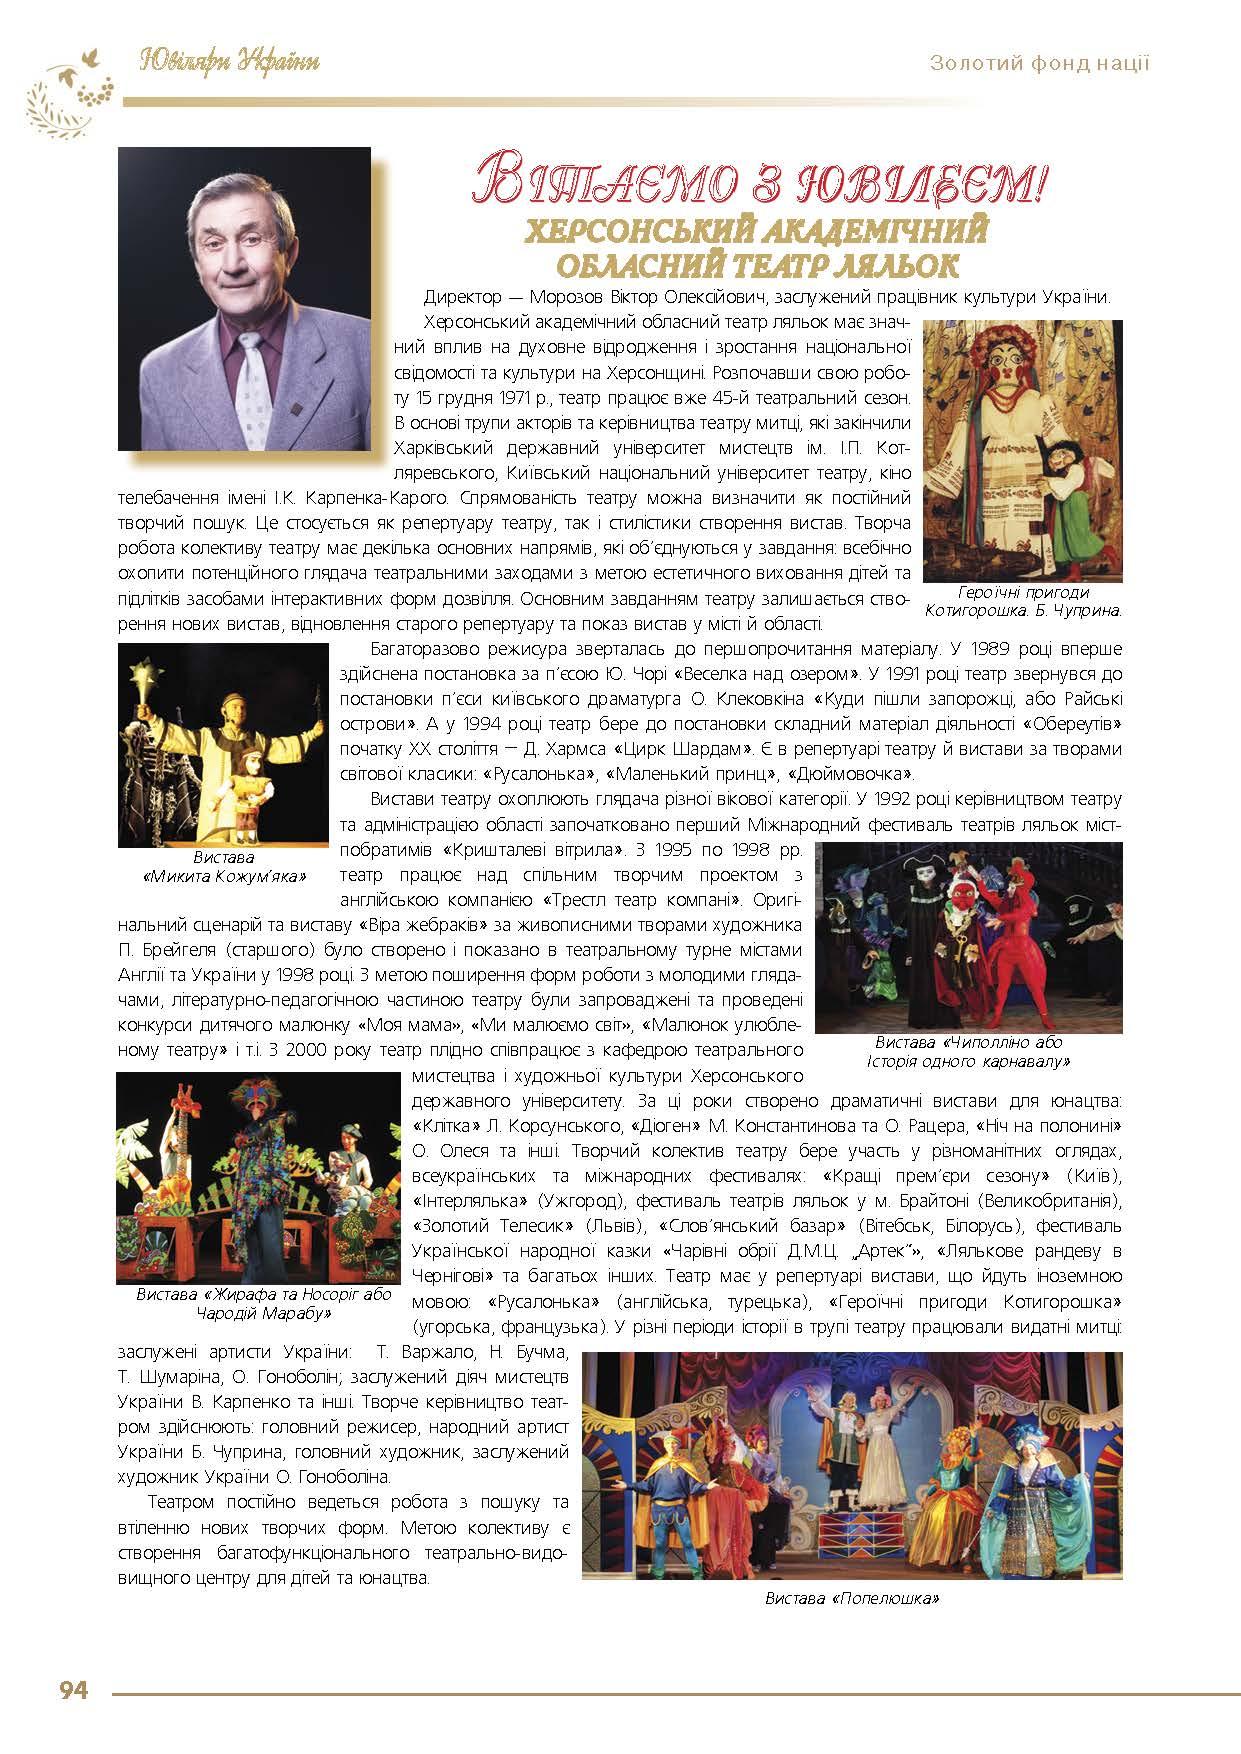 Херсонський академічний обласний театр ляльок - Морозов Віктор Олексійович